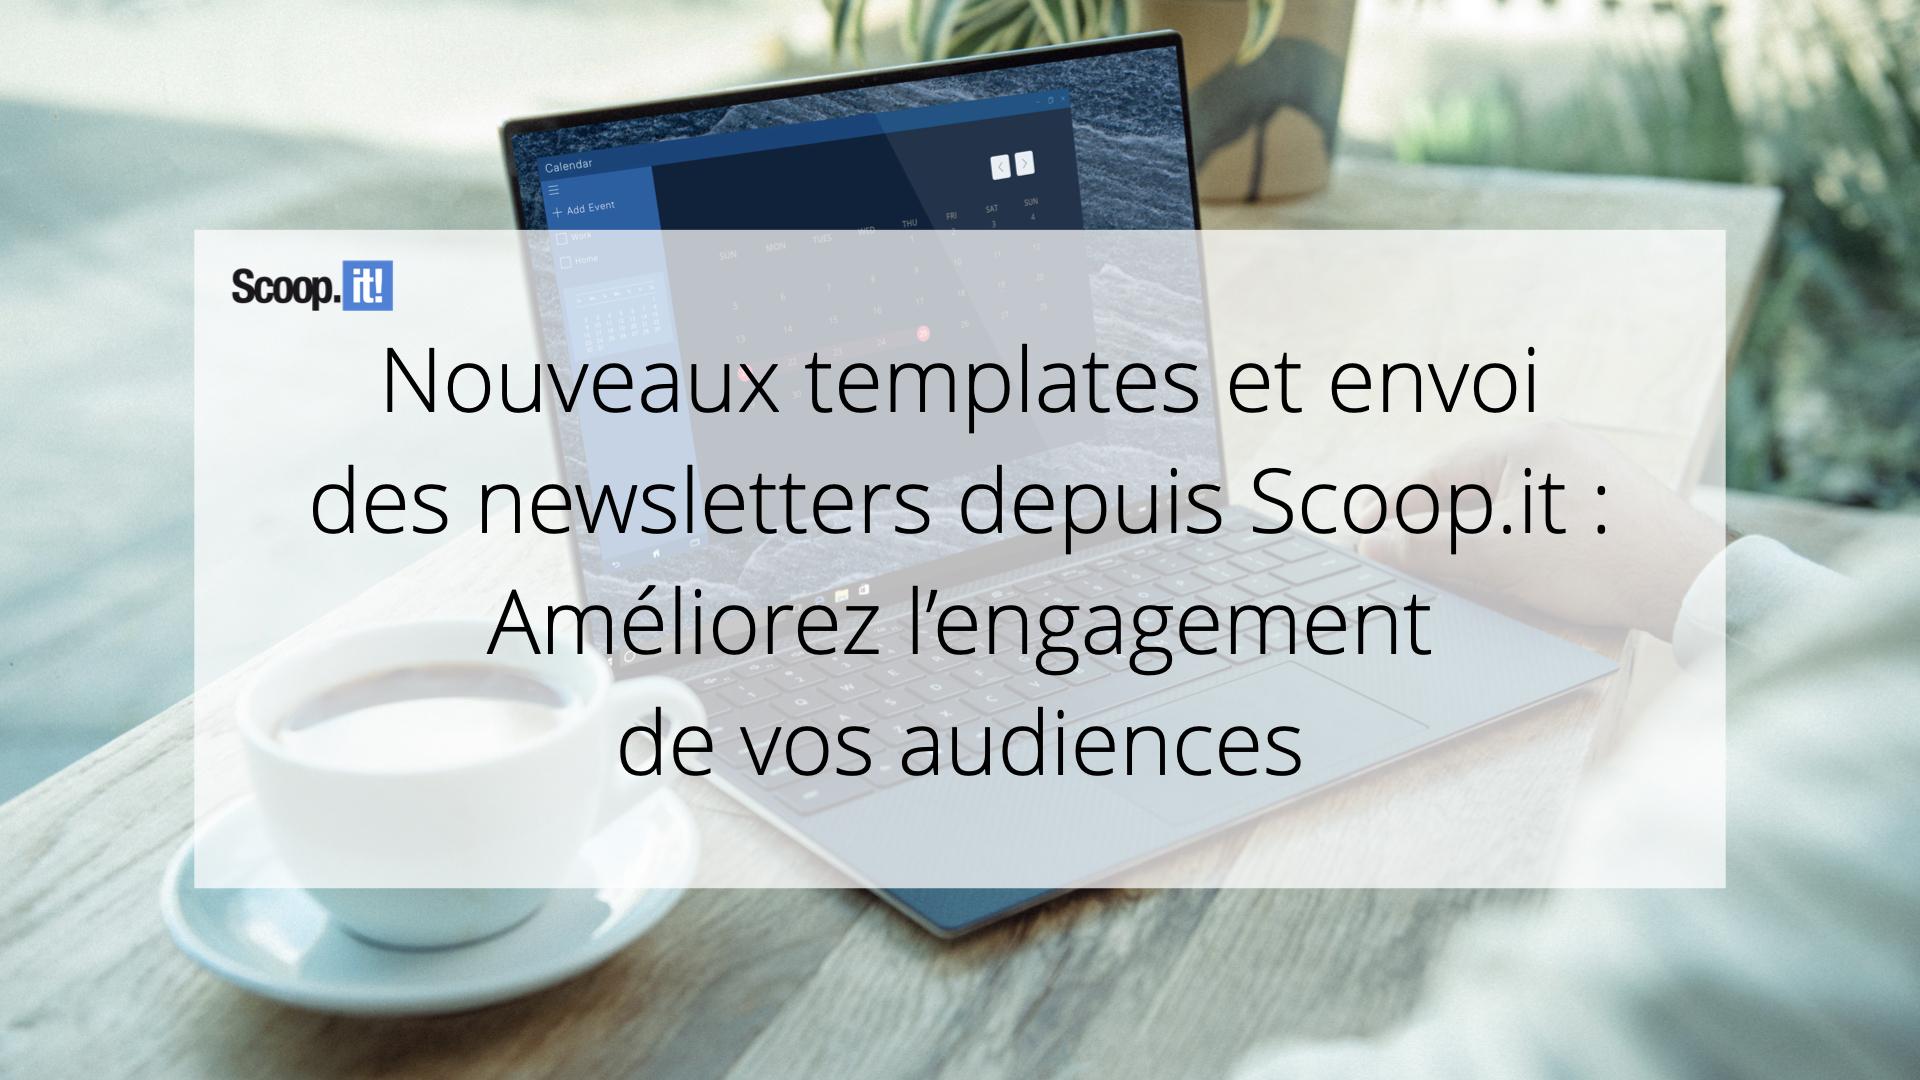 Nouveaux templates et envoi de newsletters depuis Scoop.it : améliorez l'engagement de vos audiences